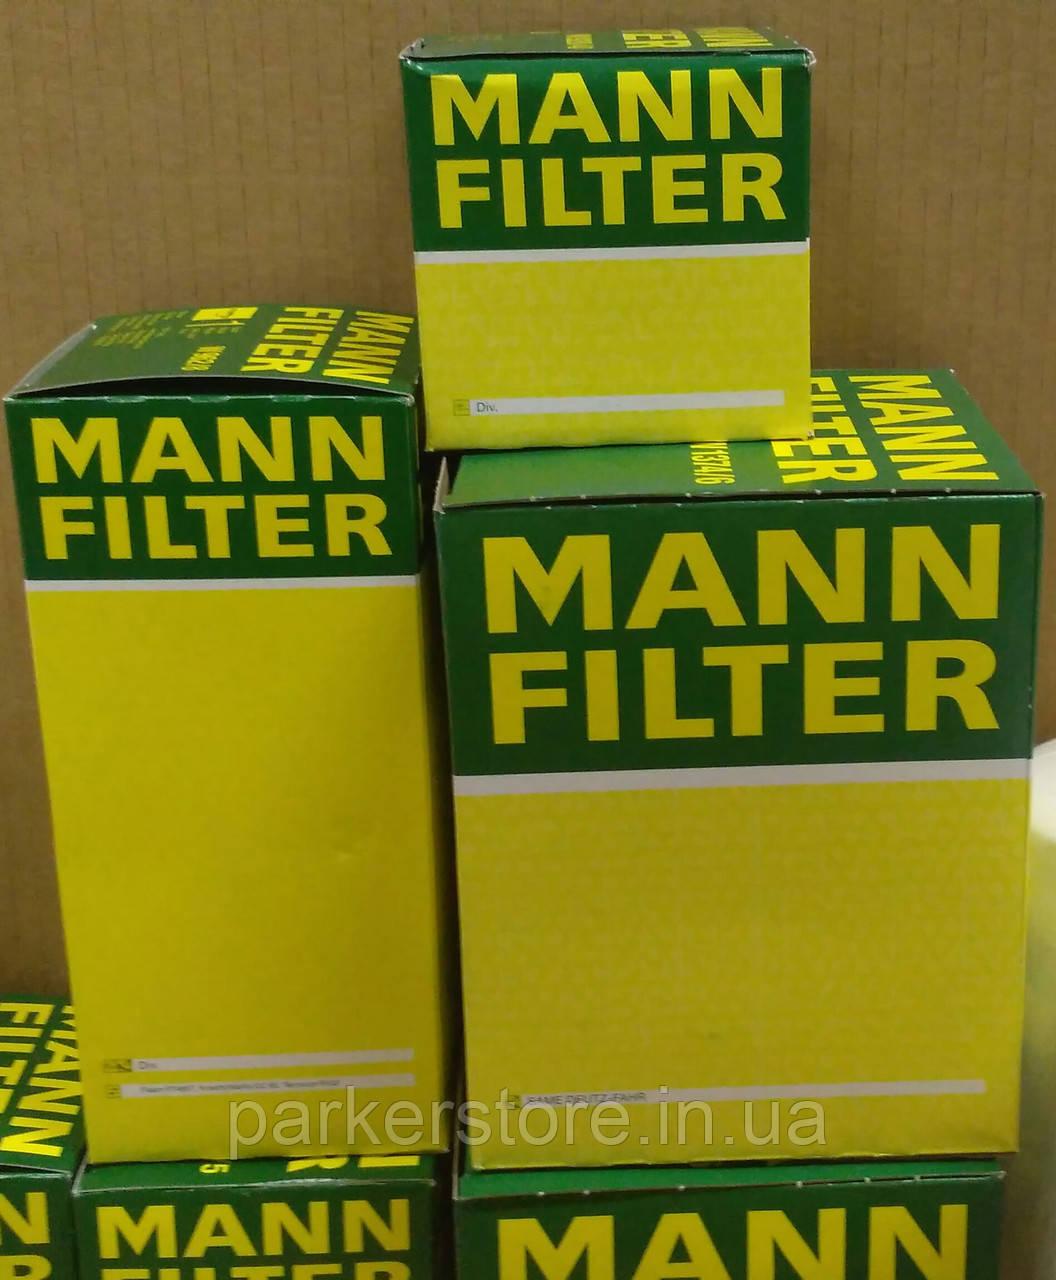 MANN FILTER / Повітряний фільтр / C 31 014 / C31014